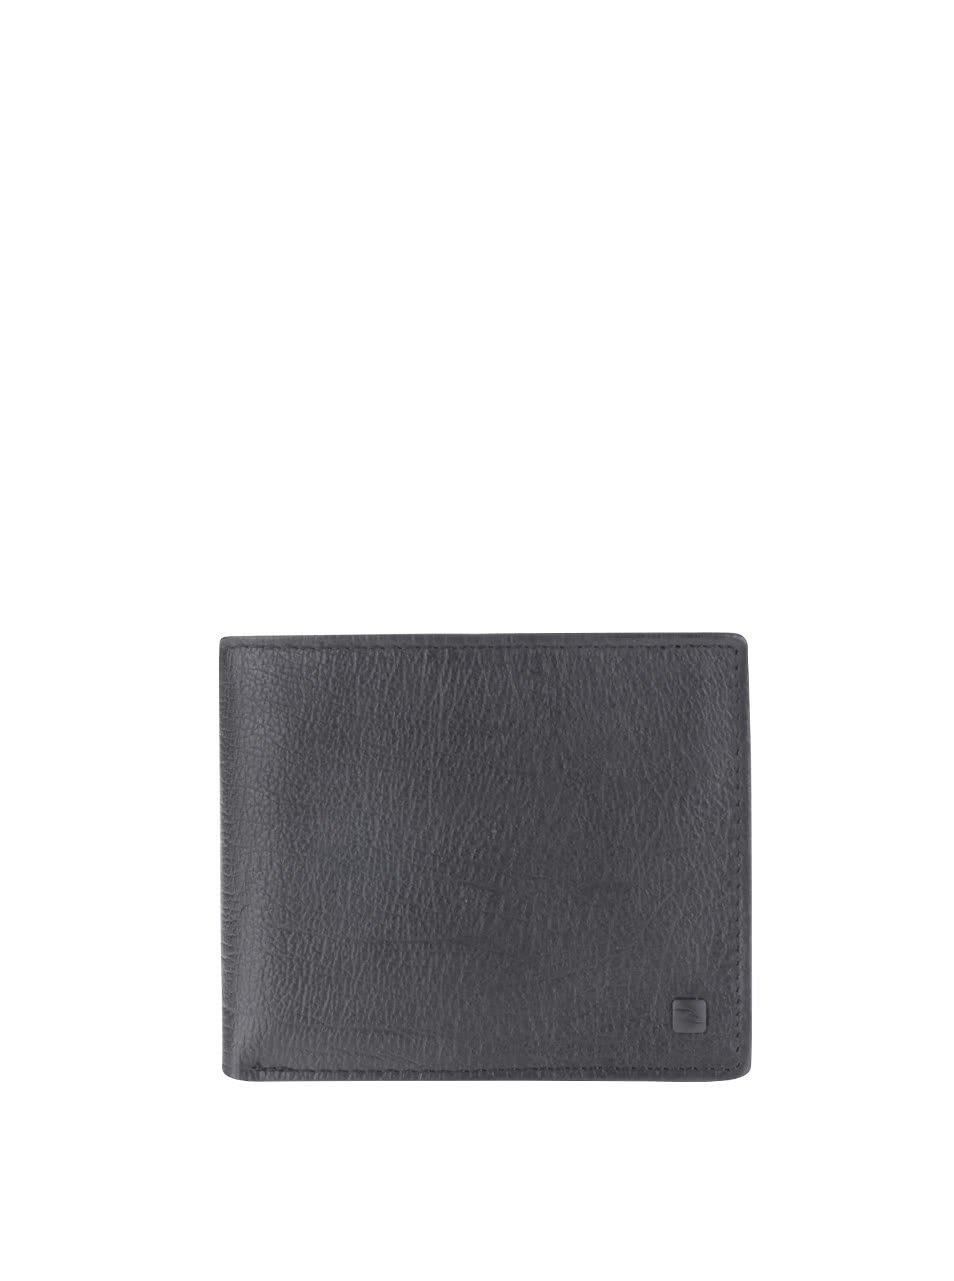 Černá kožená pánská peněženka Rip Curl K-Roo Icon 2 in 1